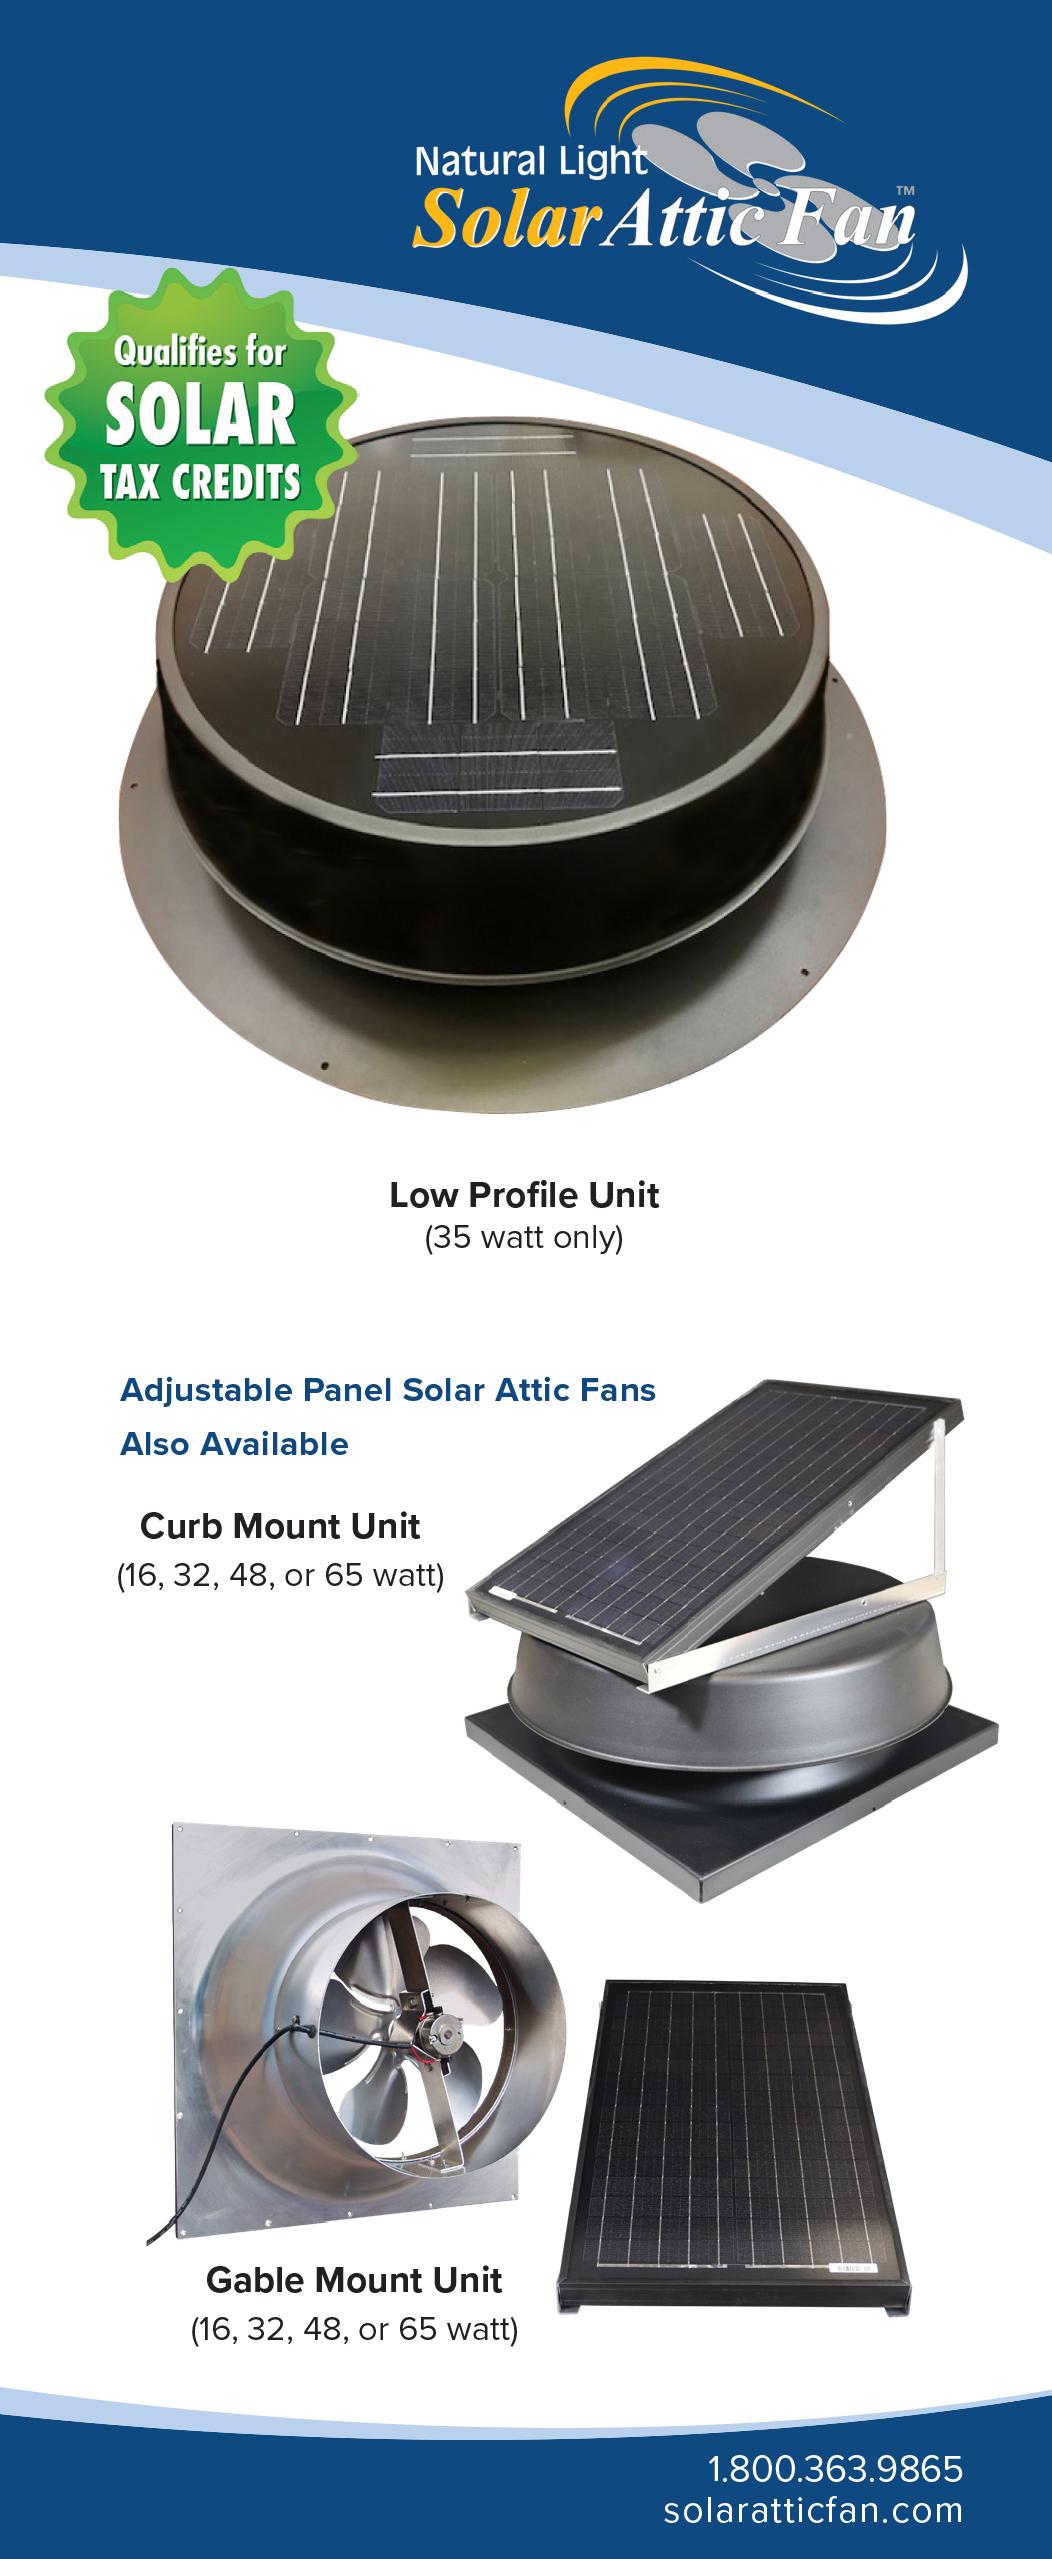 https://www.solaratticfan.com/wp-content/uploads/2021/03/SAFLP_NLESbrochure_icon.jpg